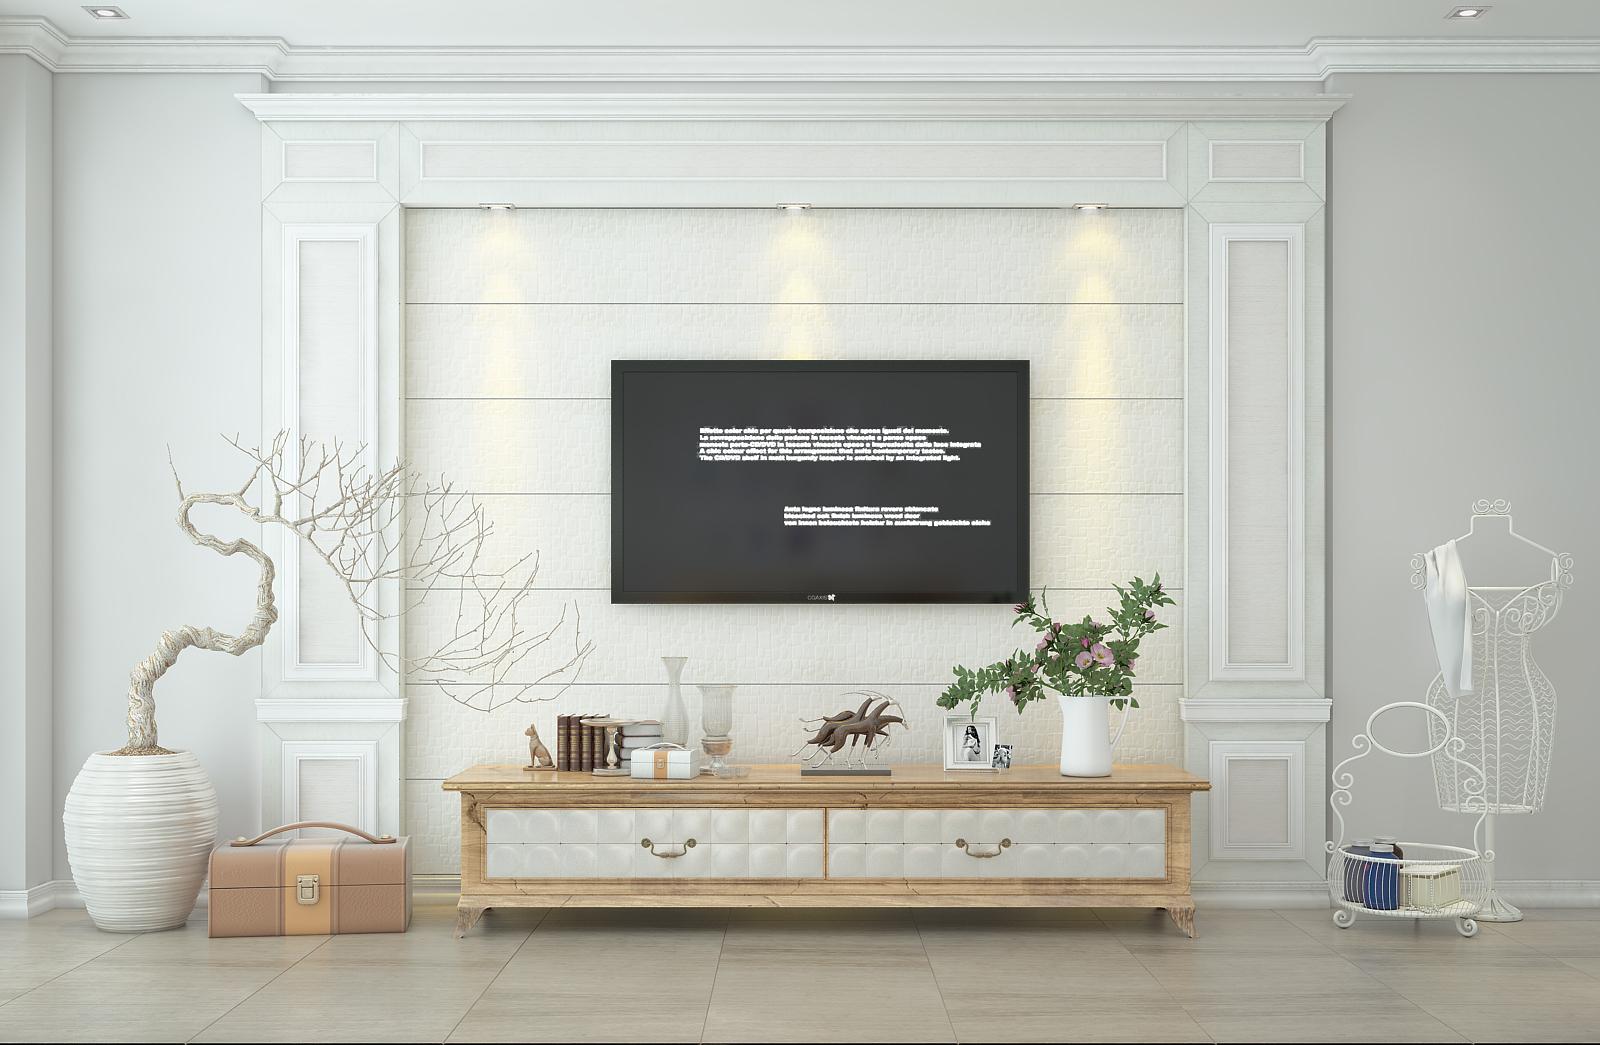 Phào chỉ PS hàn quốc sự lựa chọn trang trí nội thất hàng đầu hiện nay